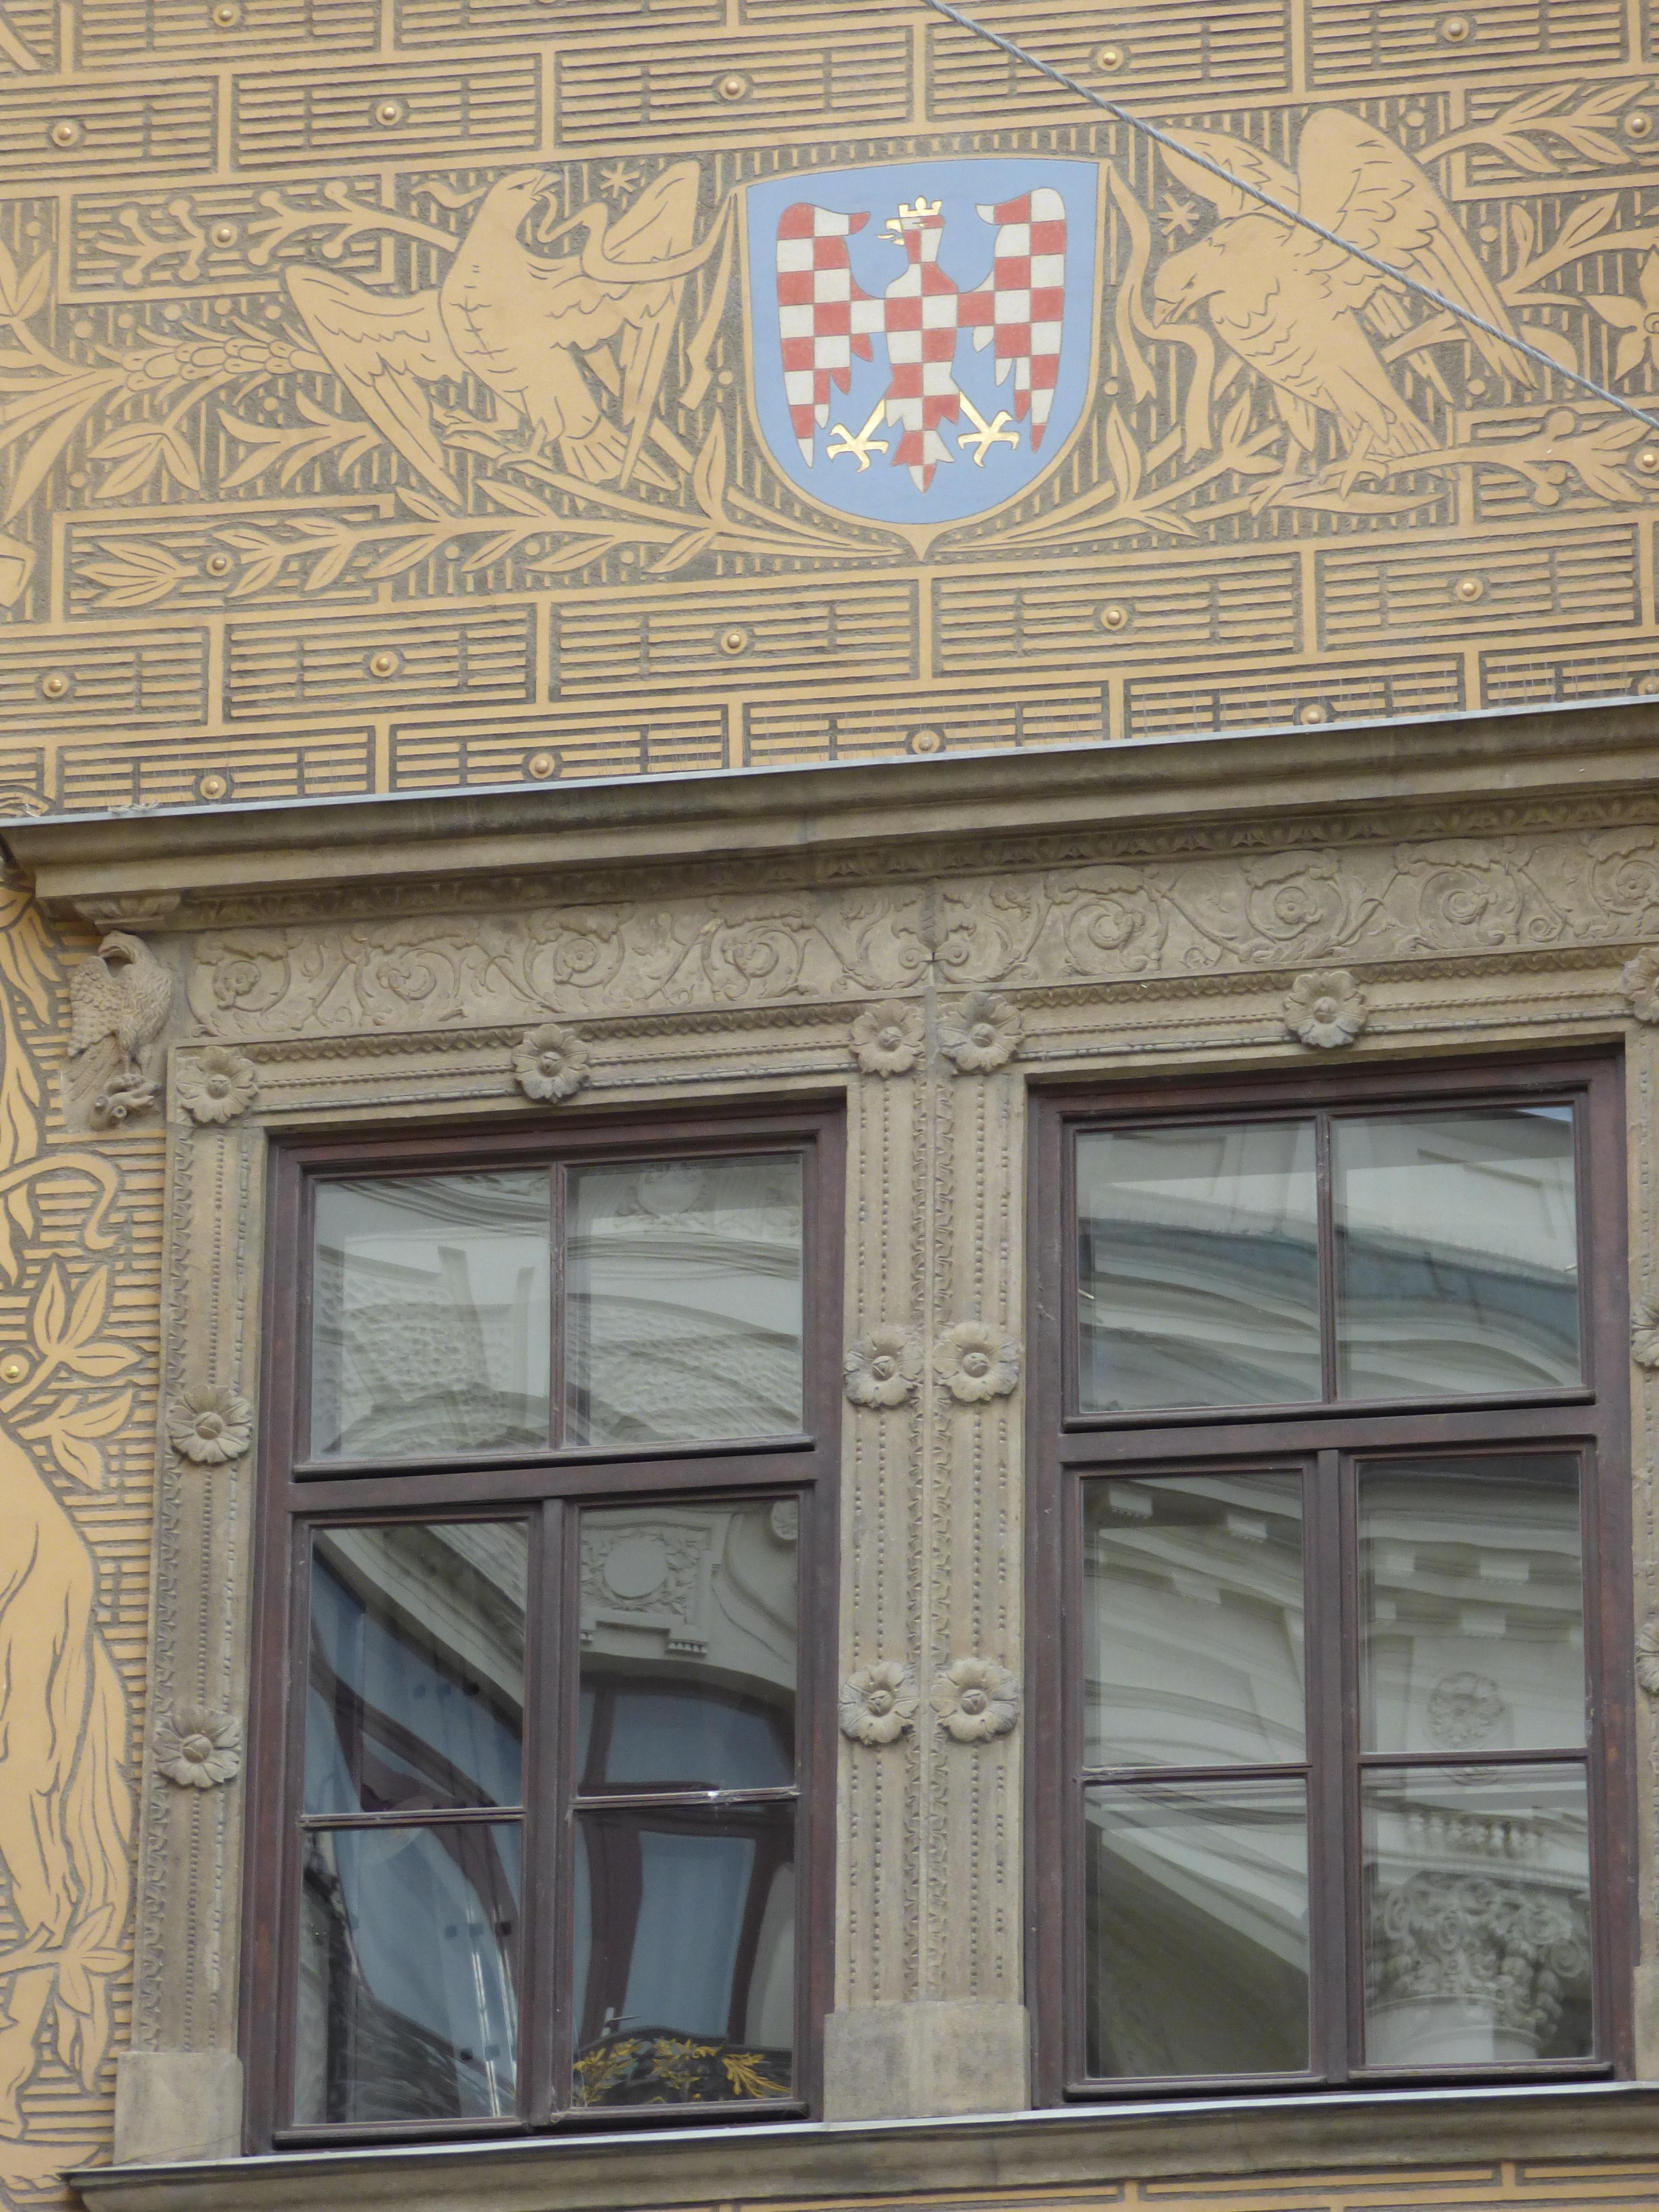 Fachadas de casas antiguas simple fachada de casas antigua europea fotos de stock with fachadas Interiores de casas antiguas fotos